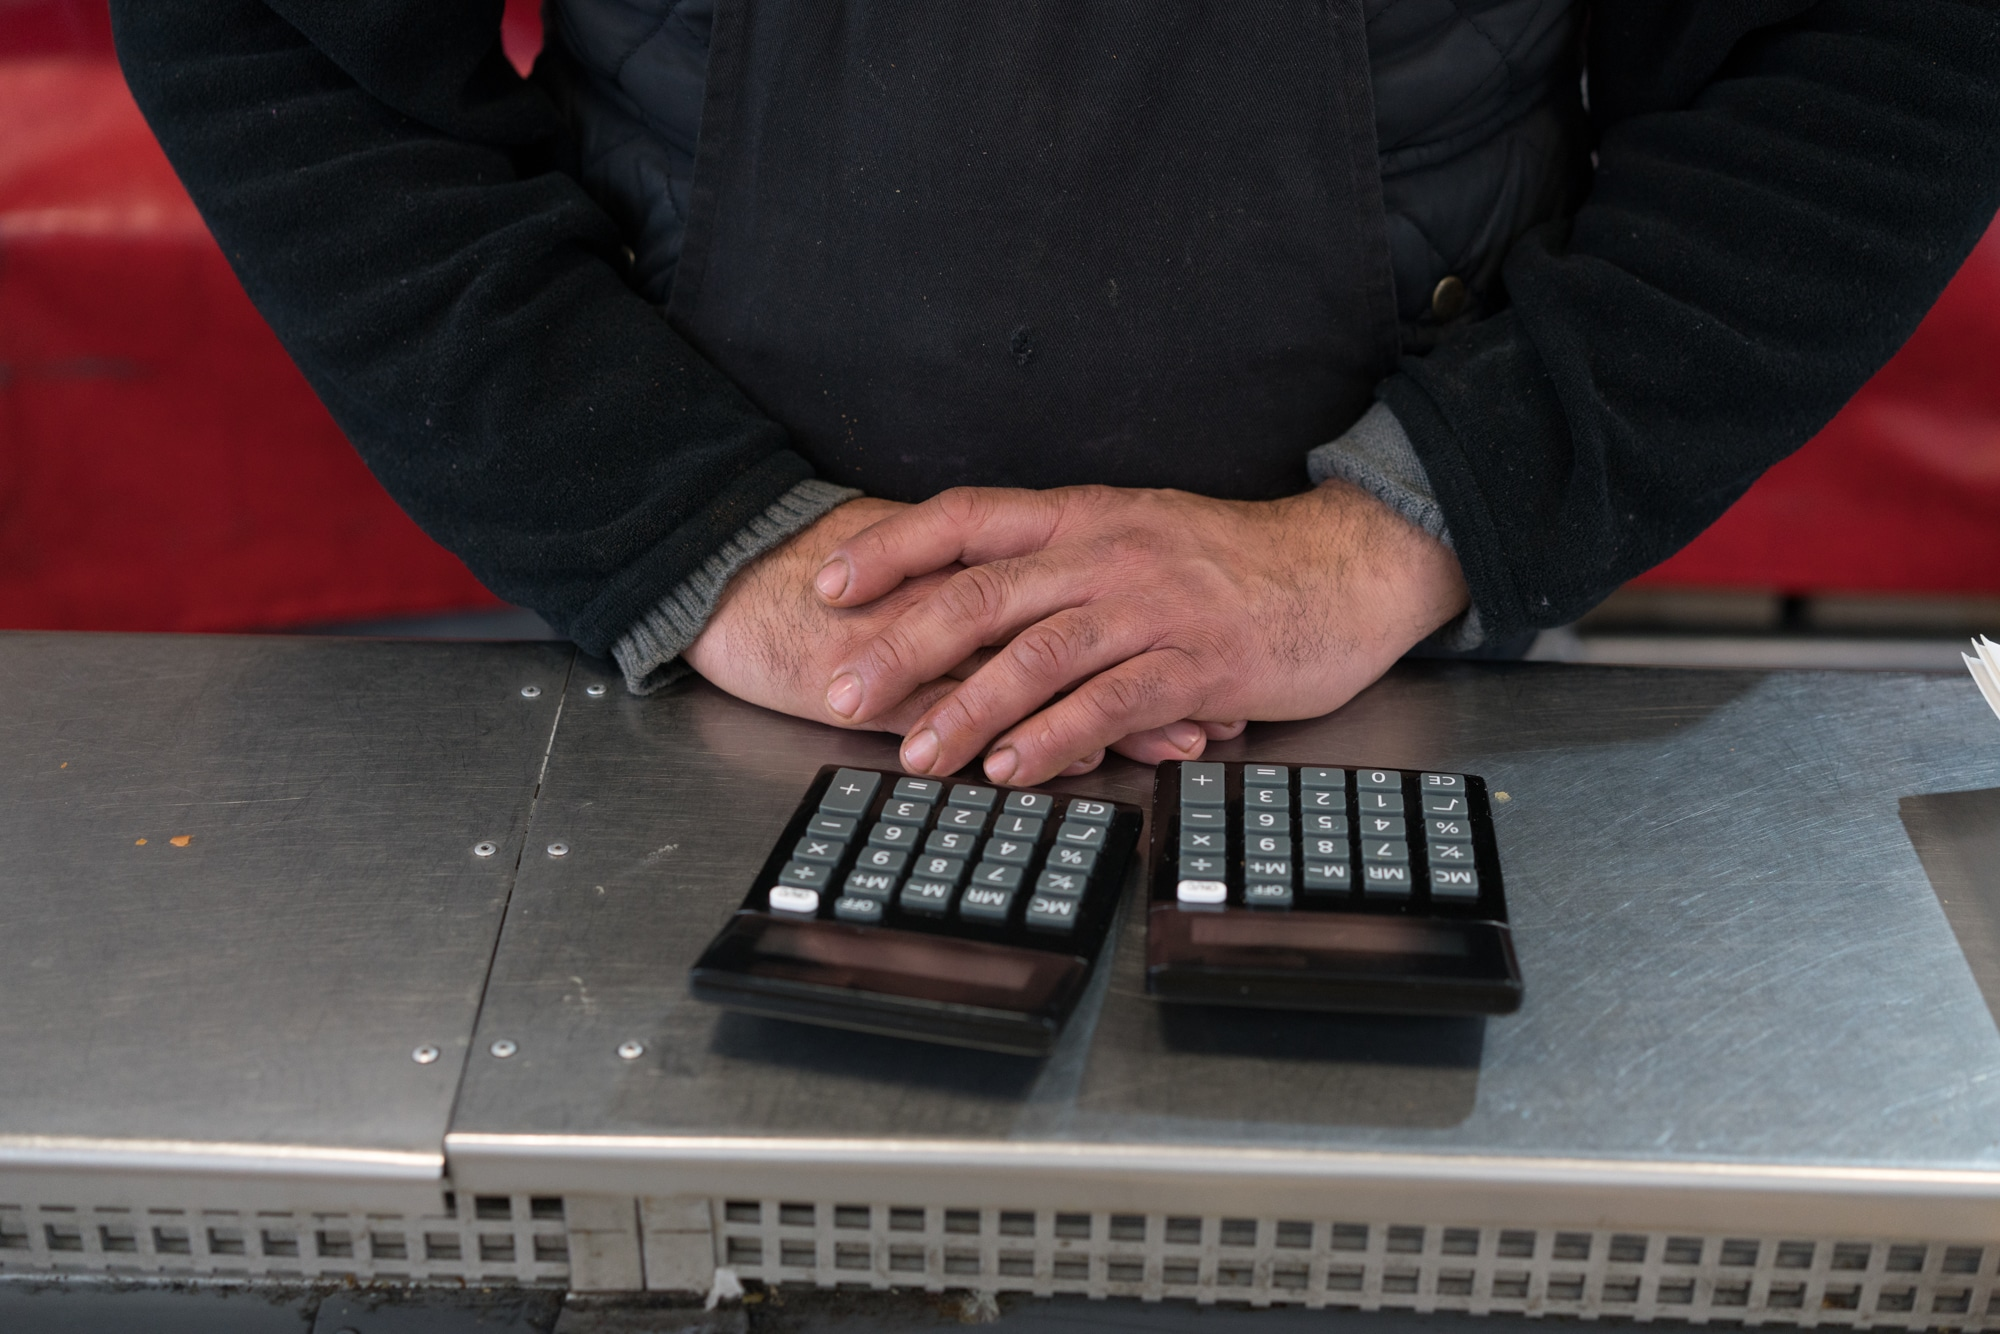 Les mains d'Alain sont jointes devant deux calculatrices.